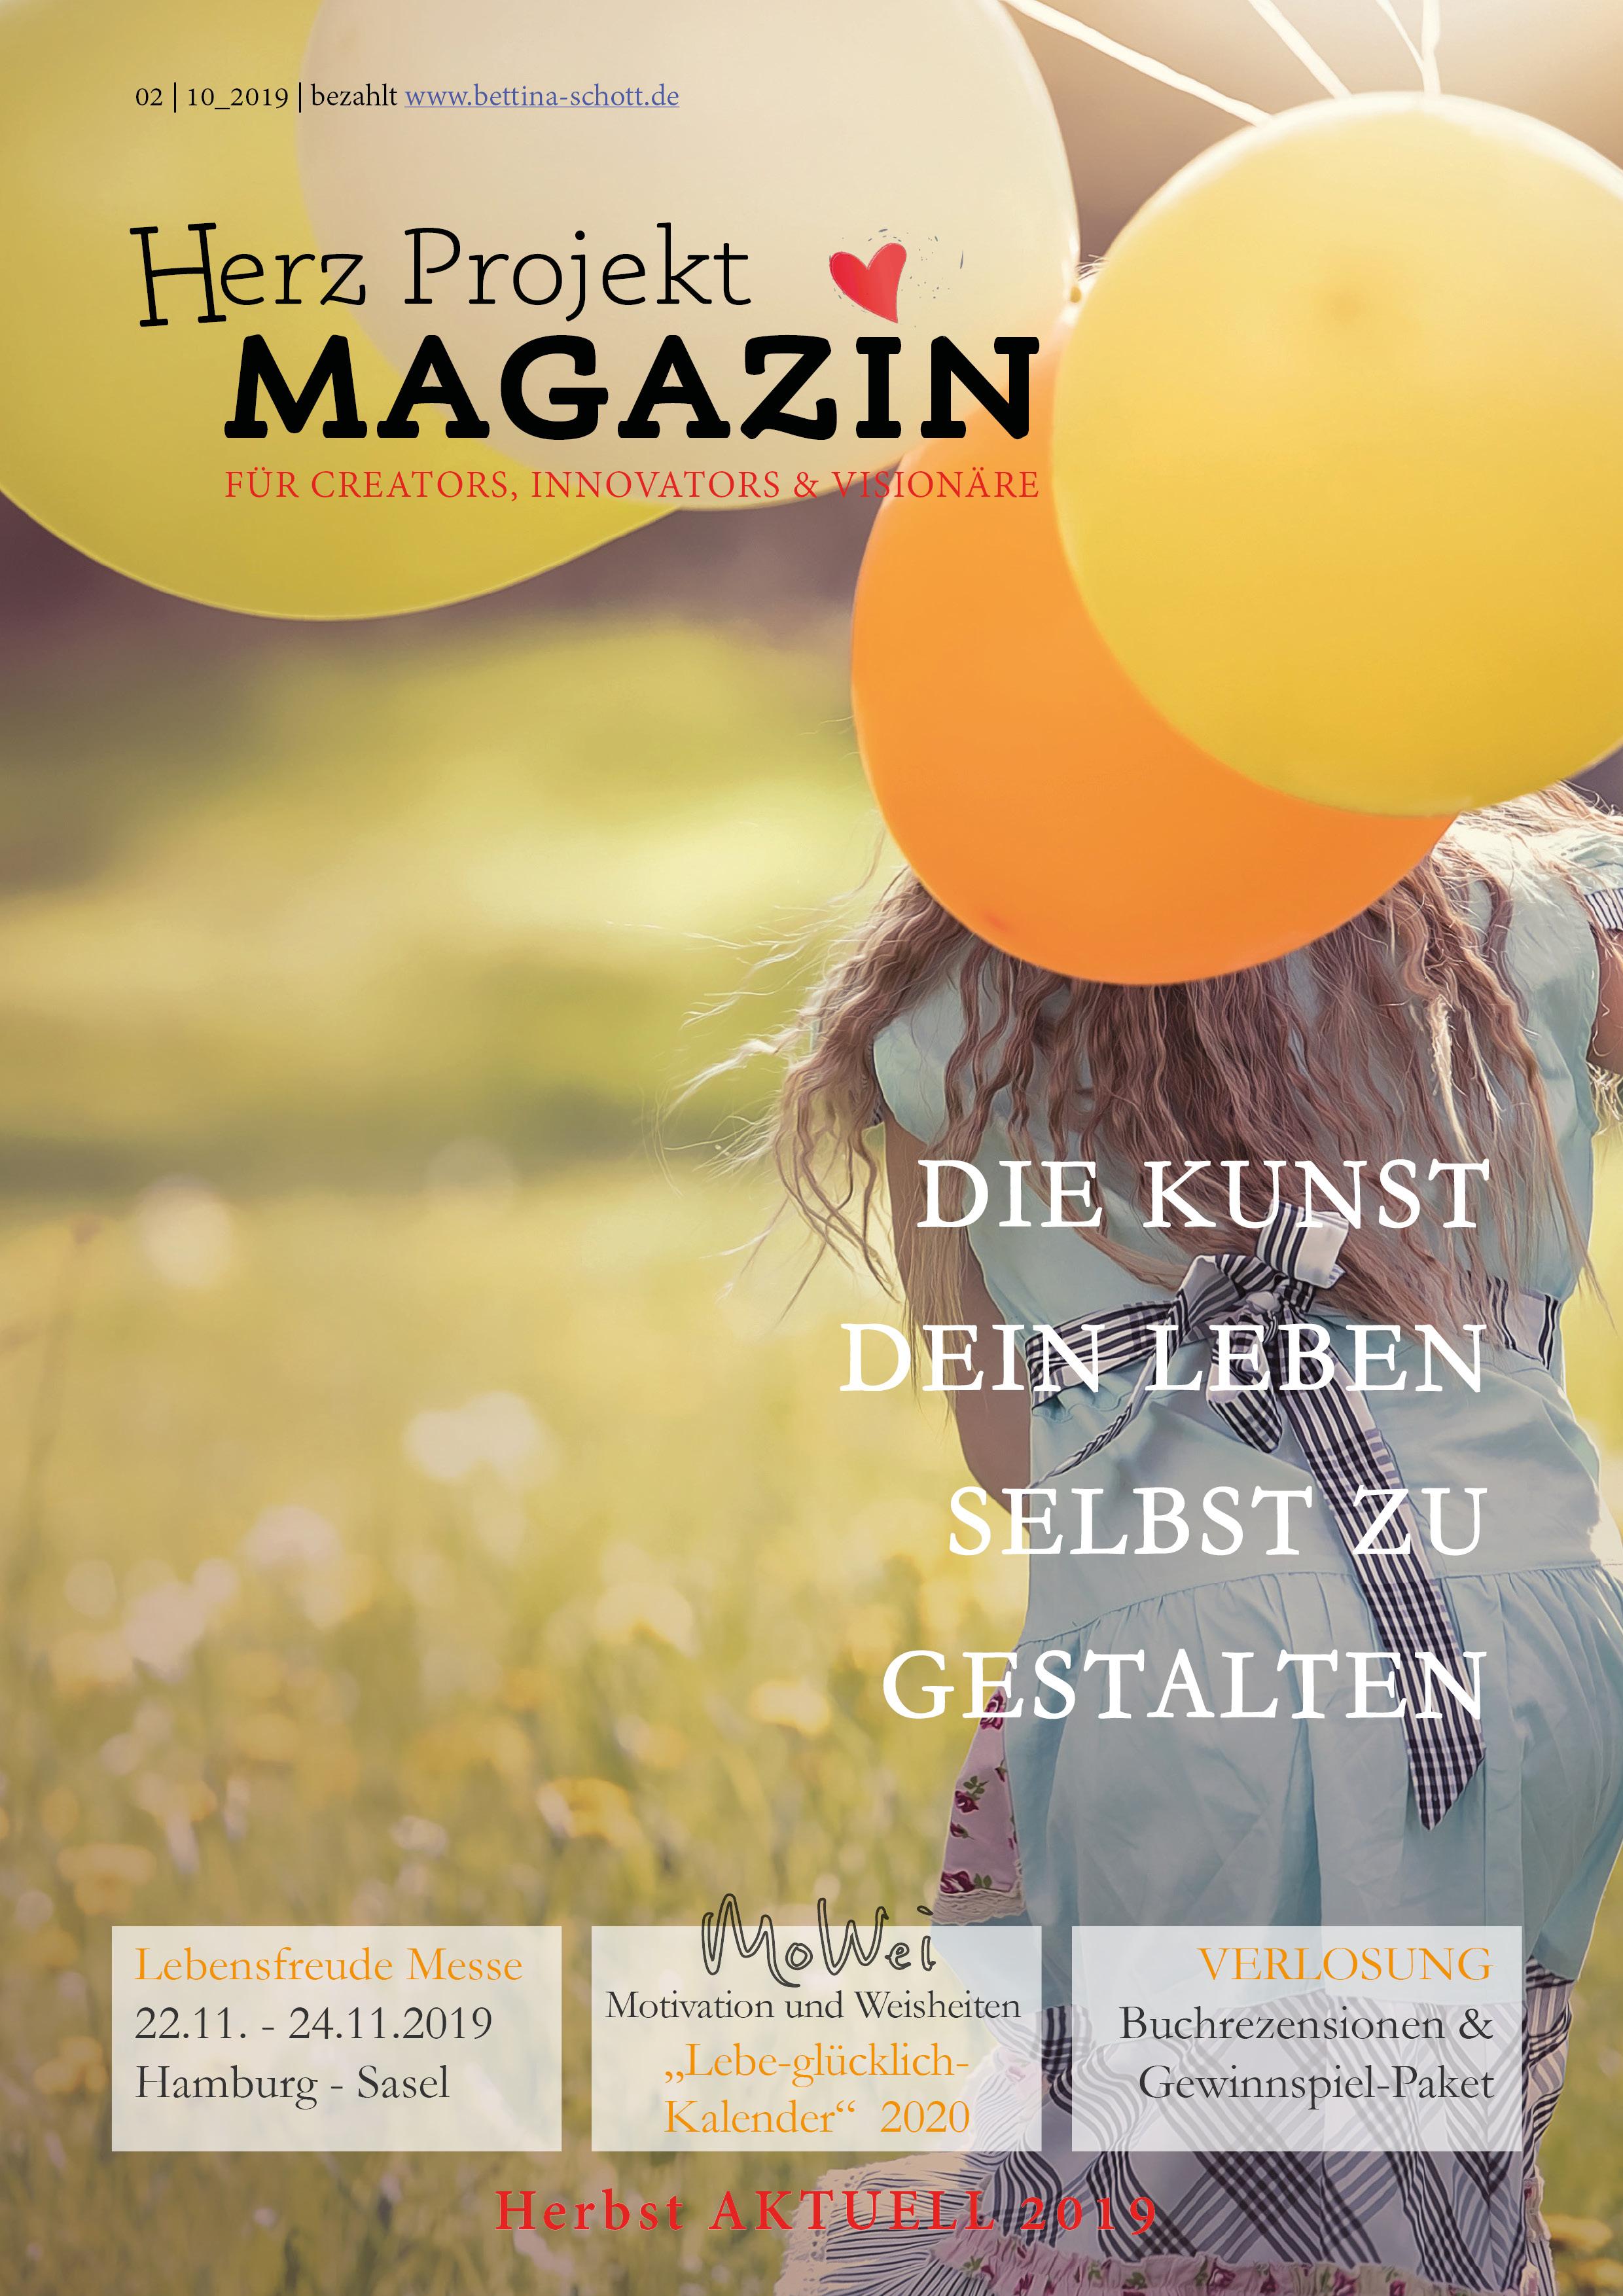 Herz Projekt Magazin Herbst 2019 Die Kunst dein Leben selbst zu gestalten